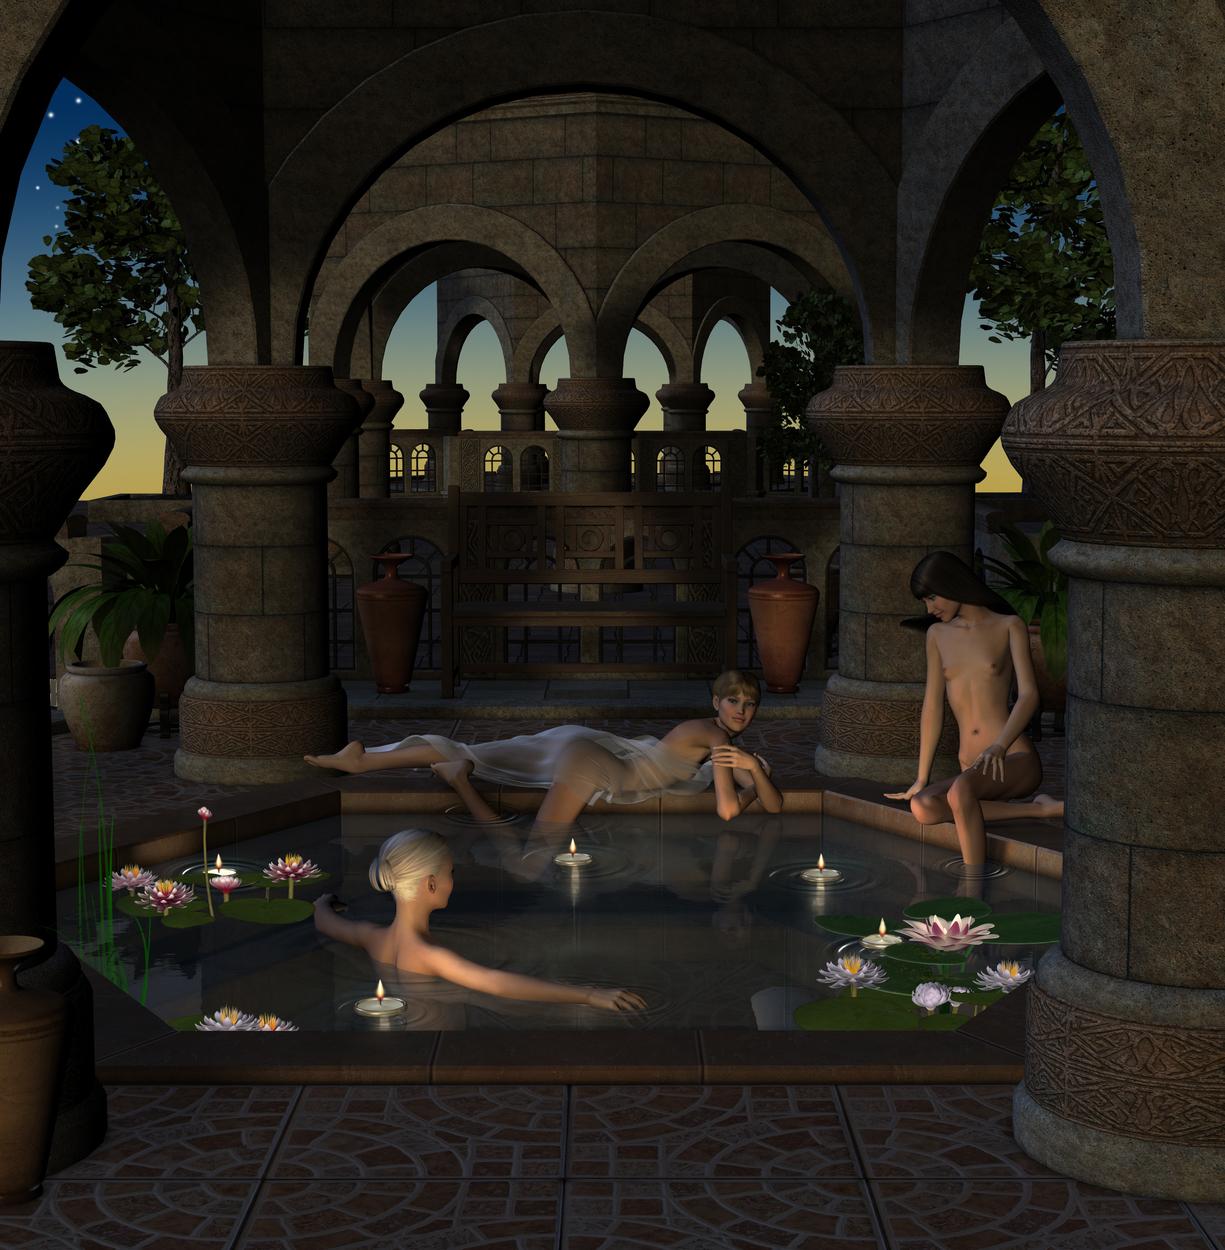 Mogul Fantasy 2 Artwork by David Griffith